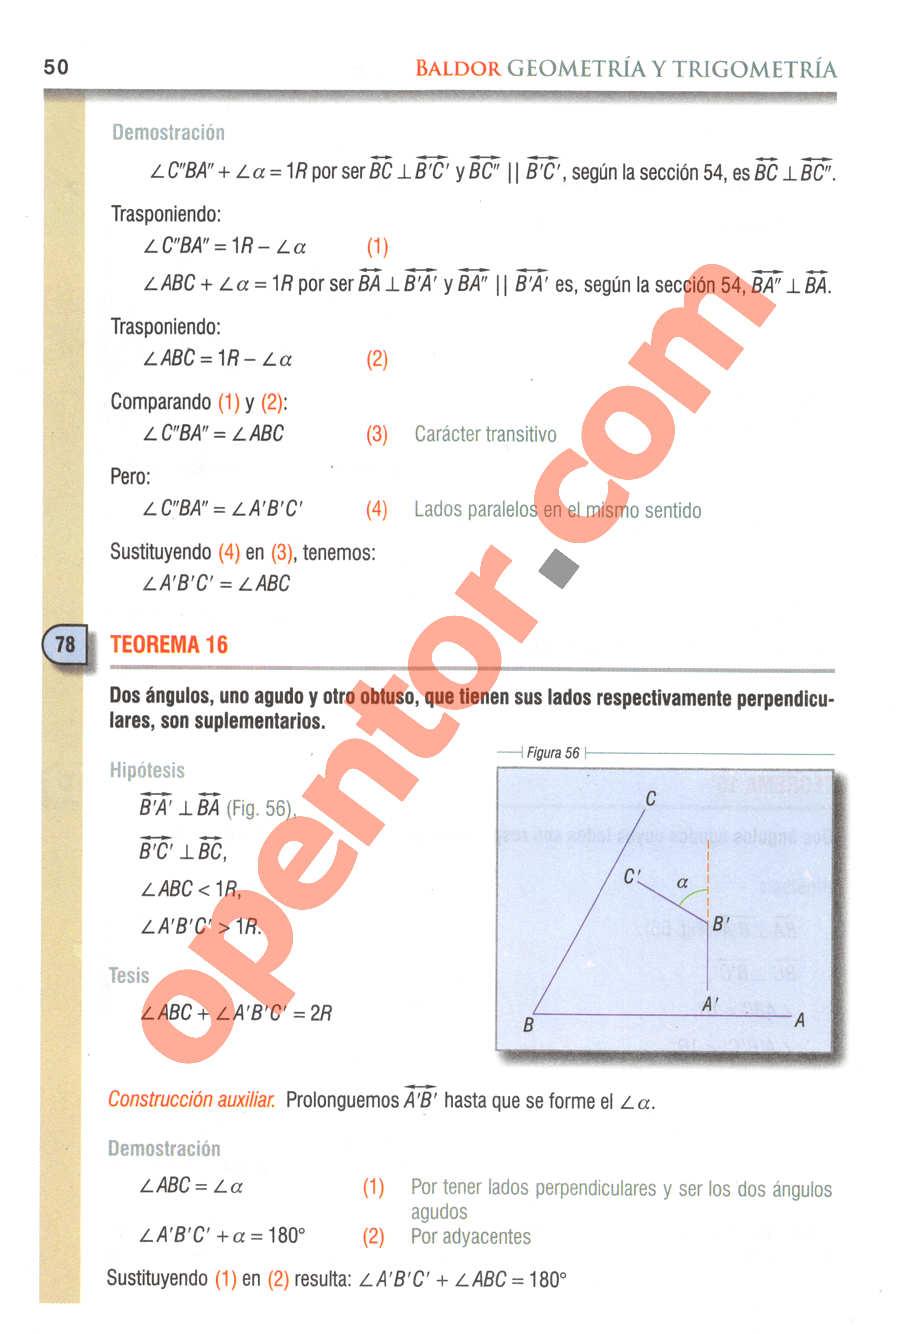 Geometría y Trigonometría de Baldor - Página 50